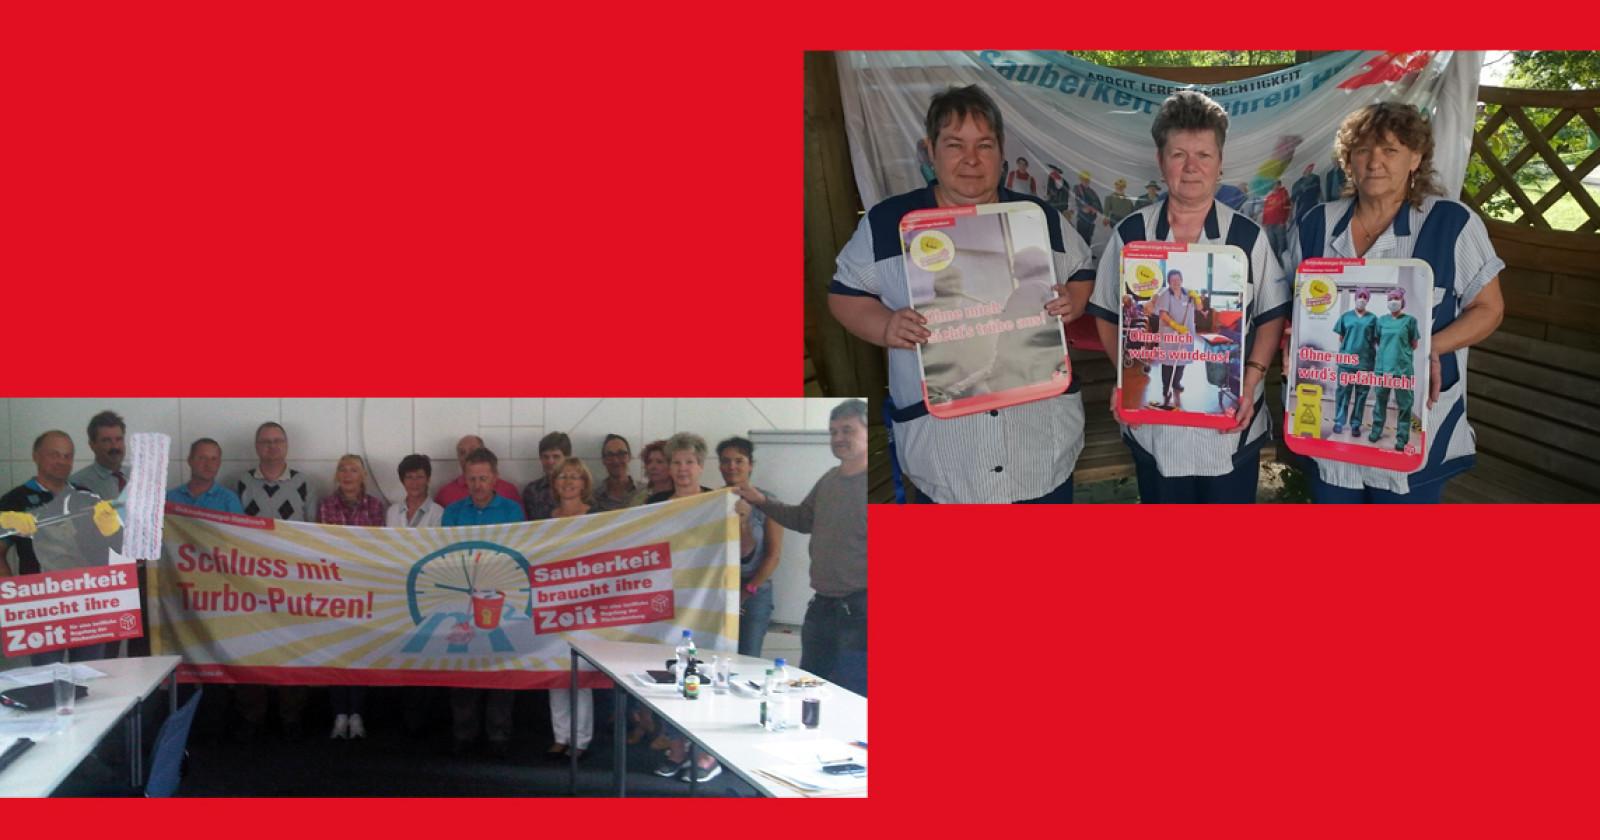 Kolleginnen & Kollegen in Dresden und Brandenburg fordern gleichen Lohn für gleiche Arbeit